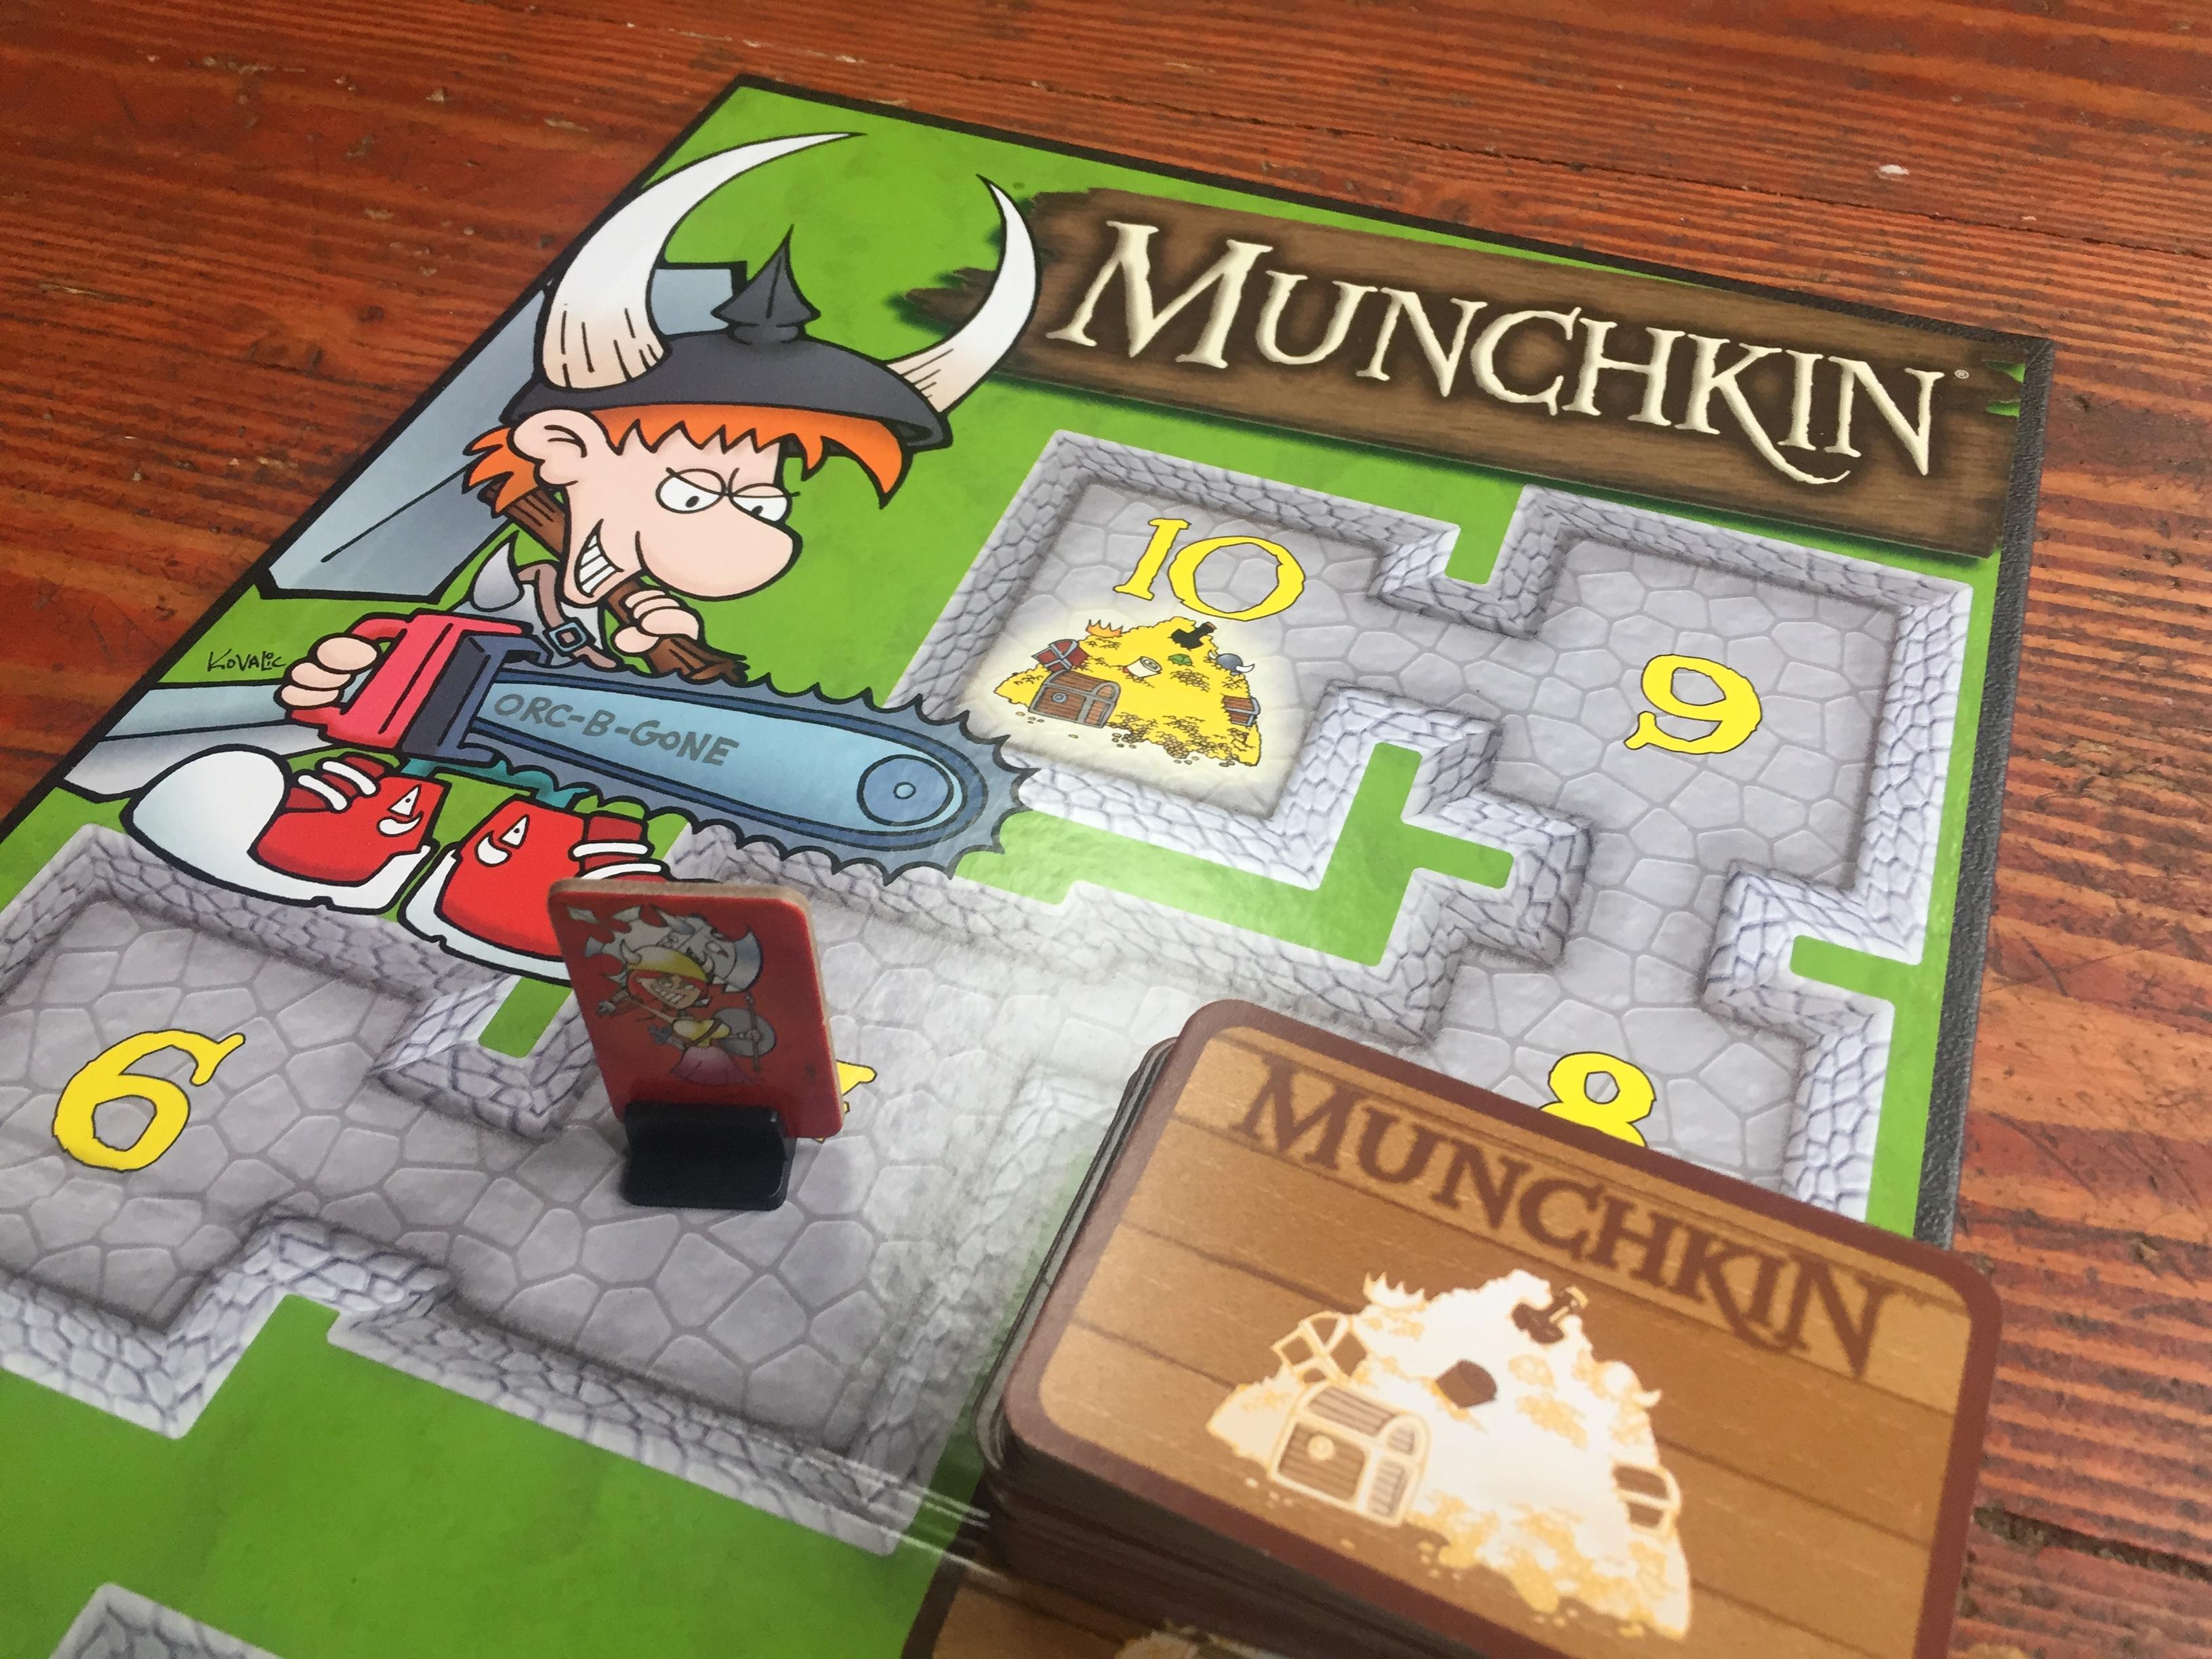 Munchkin board game for kids